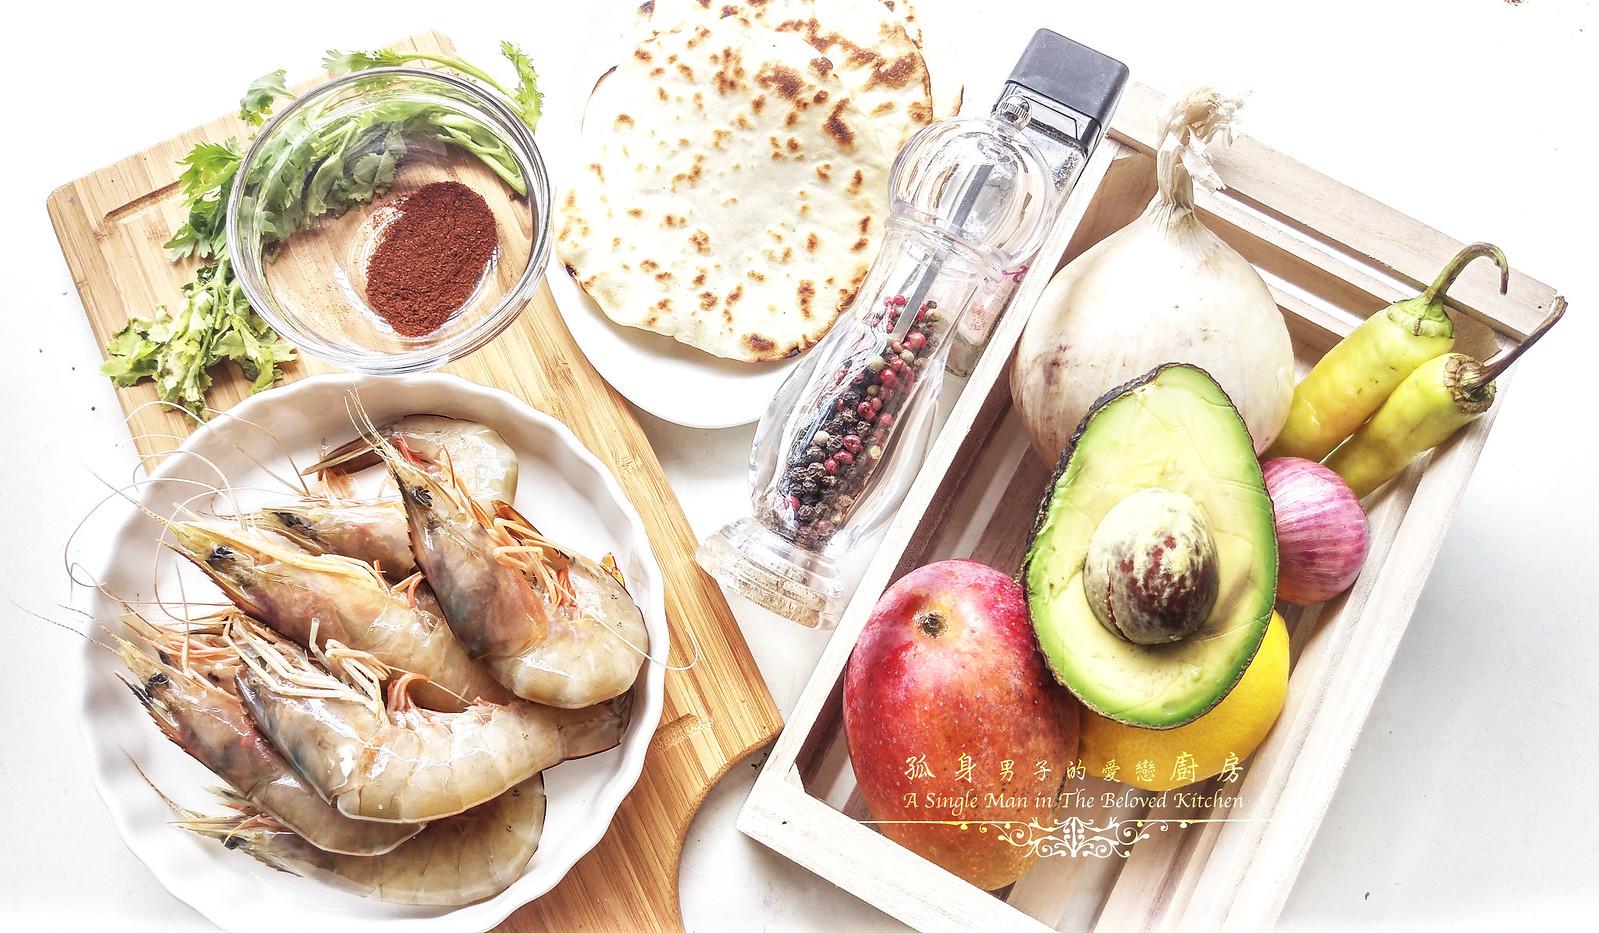 孤身廚房-墨西哥烤紅爐蝦酪梨芒果莎莎醬塔可(下)-烤紅爐蝦酪梨芒果莎莎醬2